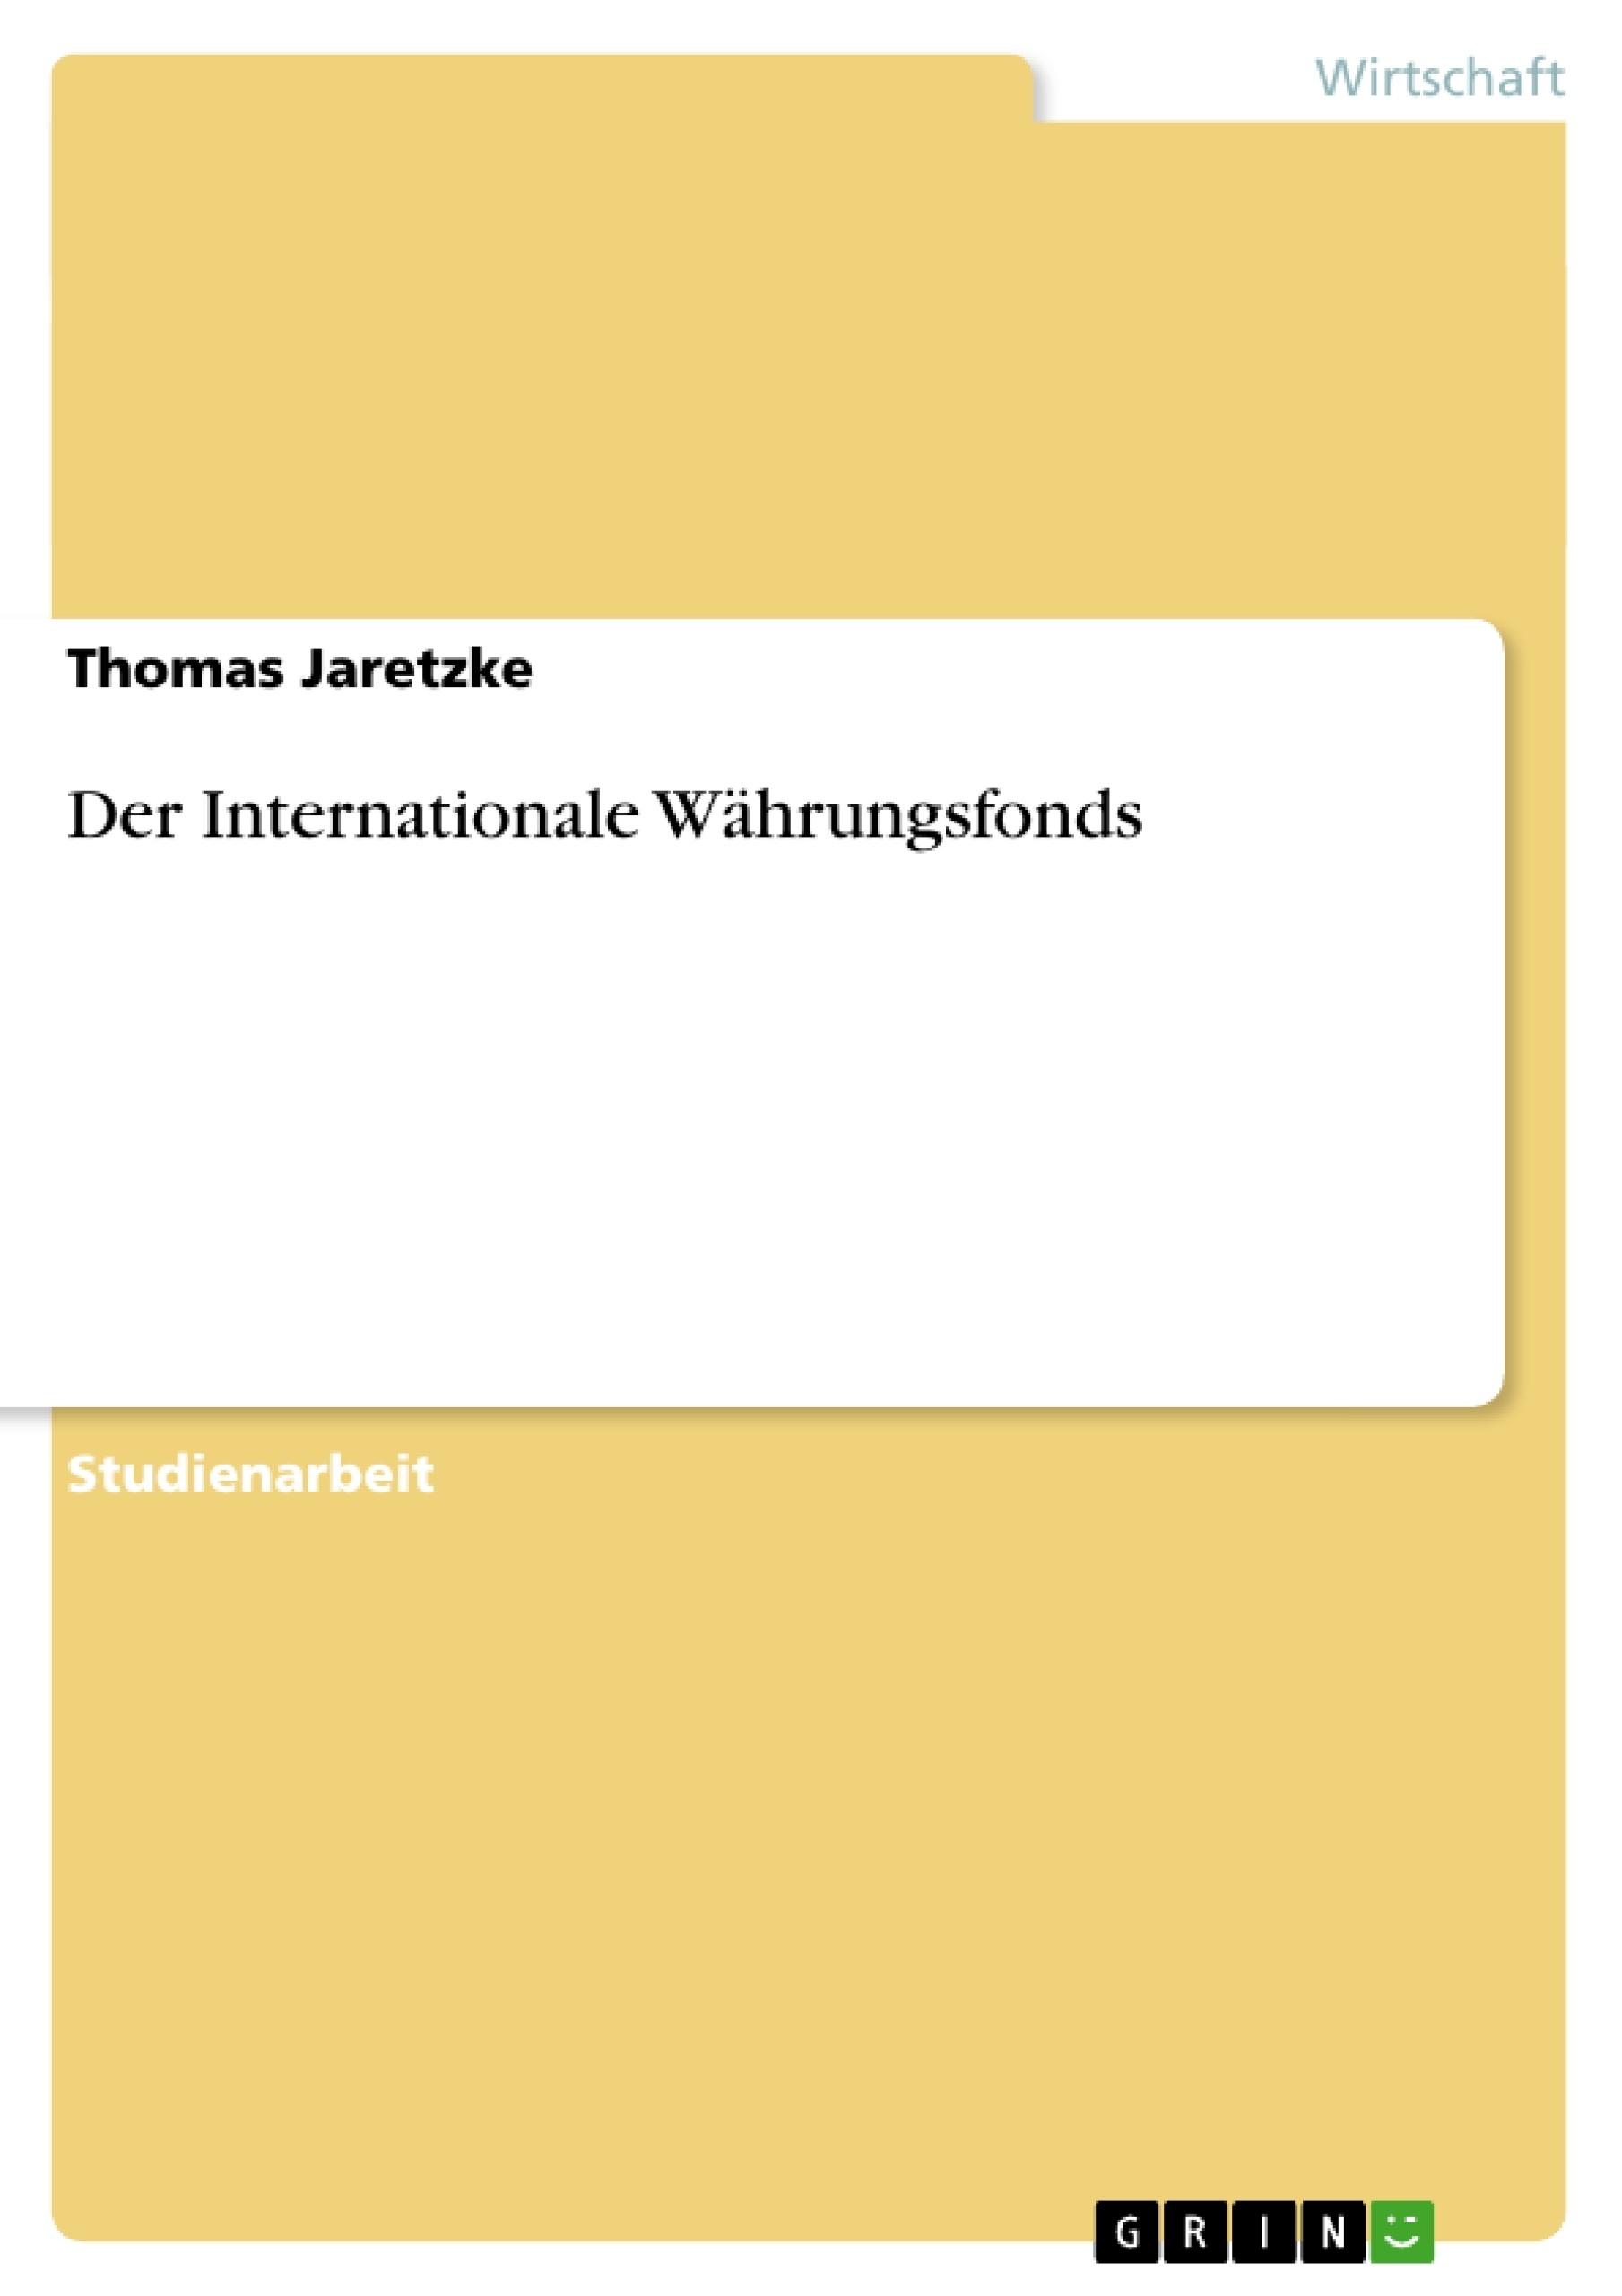 Titel: Der Internationale Währungsfonds